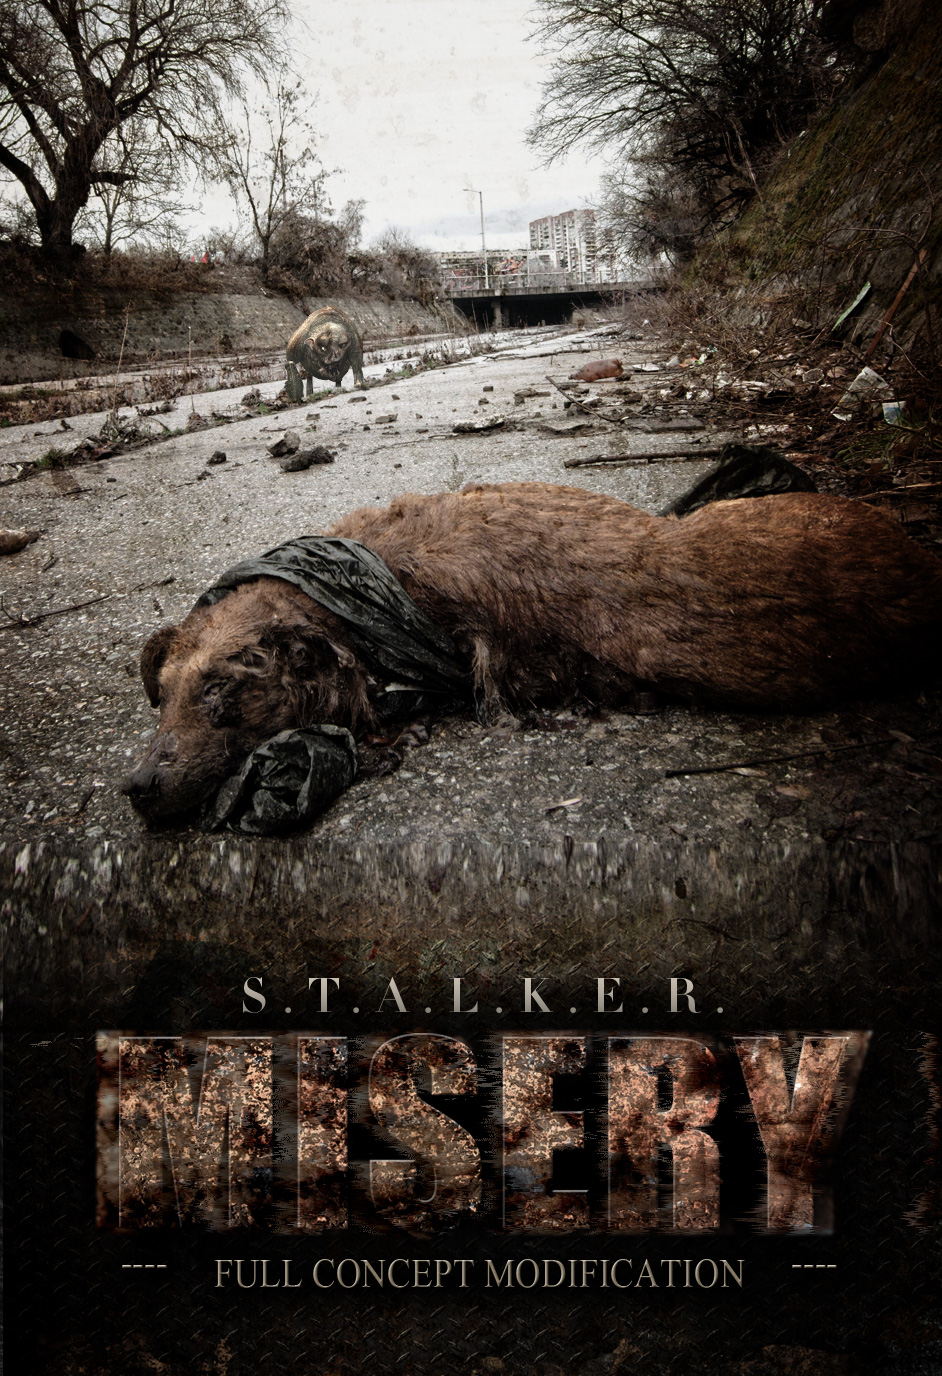 S.T.A.L.K.E.R. / MISERY 2 (Rus/2013) RePack